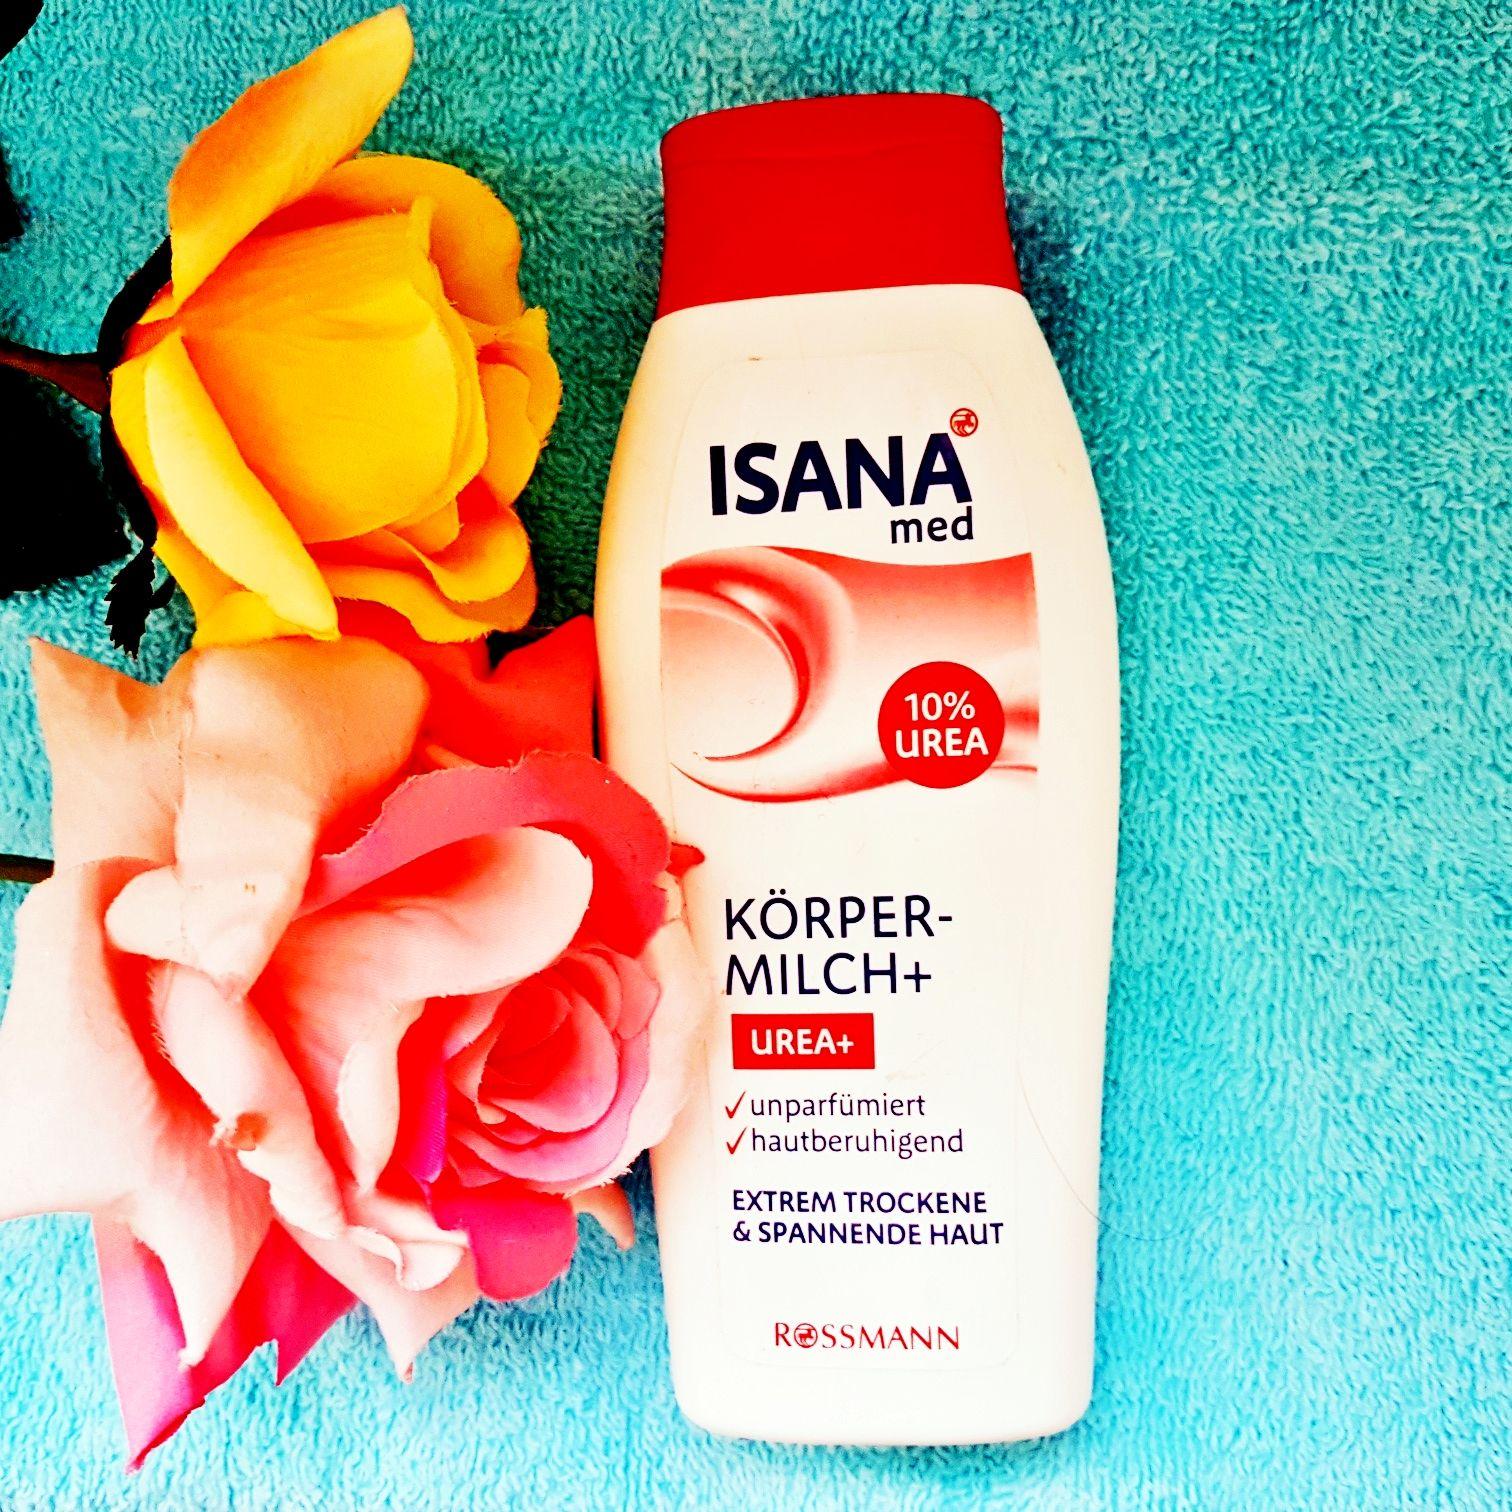 Isana Med Körpermilch + Urea+